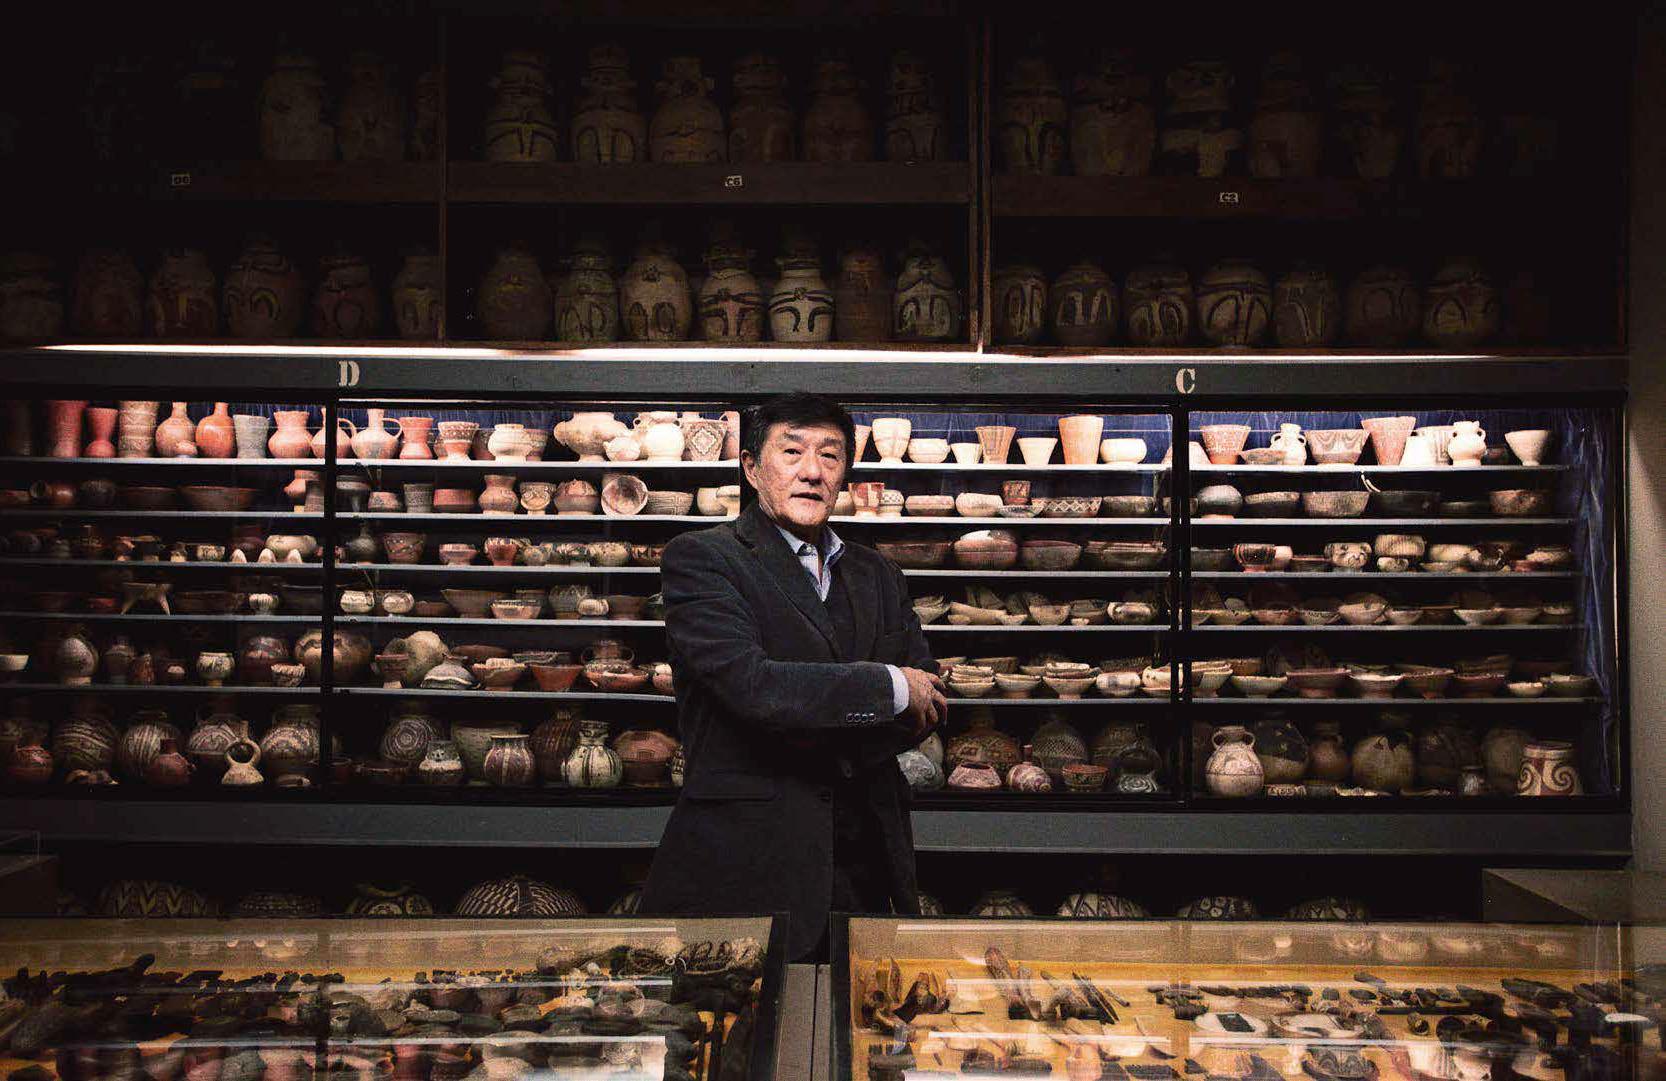 """A través de un comunicado oficial, el Ministerio de Cultura destacó la inmensa labor de Mario Amano al frente de la Fundación Museo Amano: """"La noticia causa pesar, pues tanto Mario como sus padres, el filántropo Yoshitaro Amano y Rosa Watanabe, dedicaron su vida a preservar el patrimonio cultural de nuestro país a través del Museo Amano"""""""